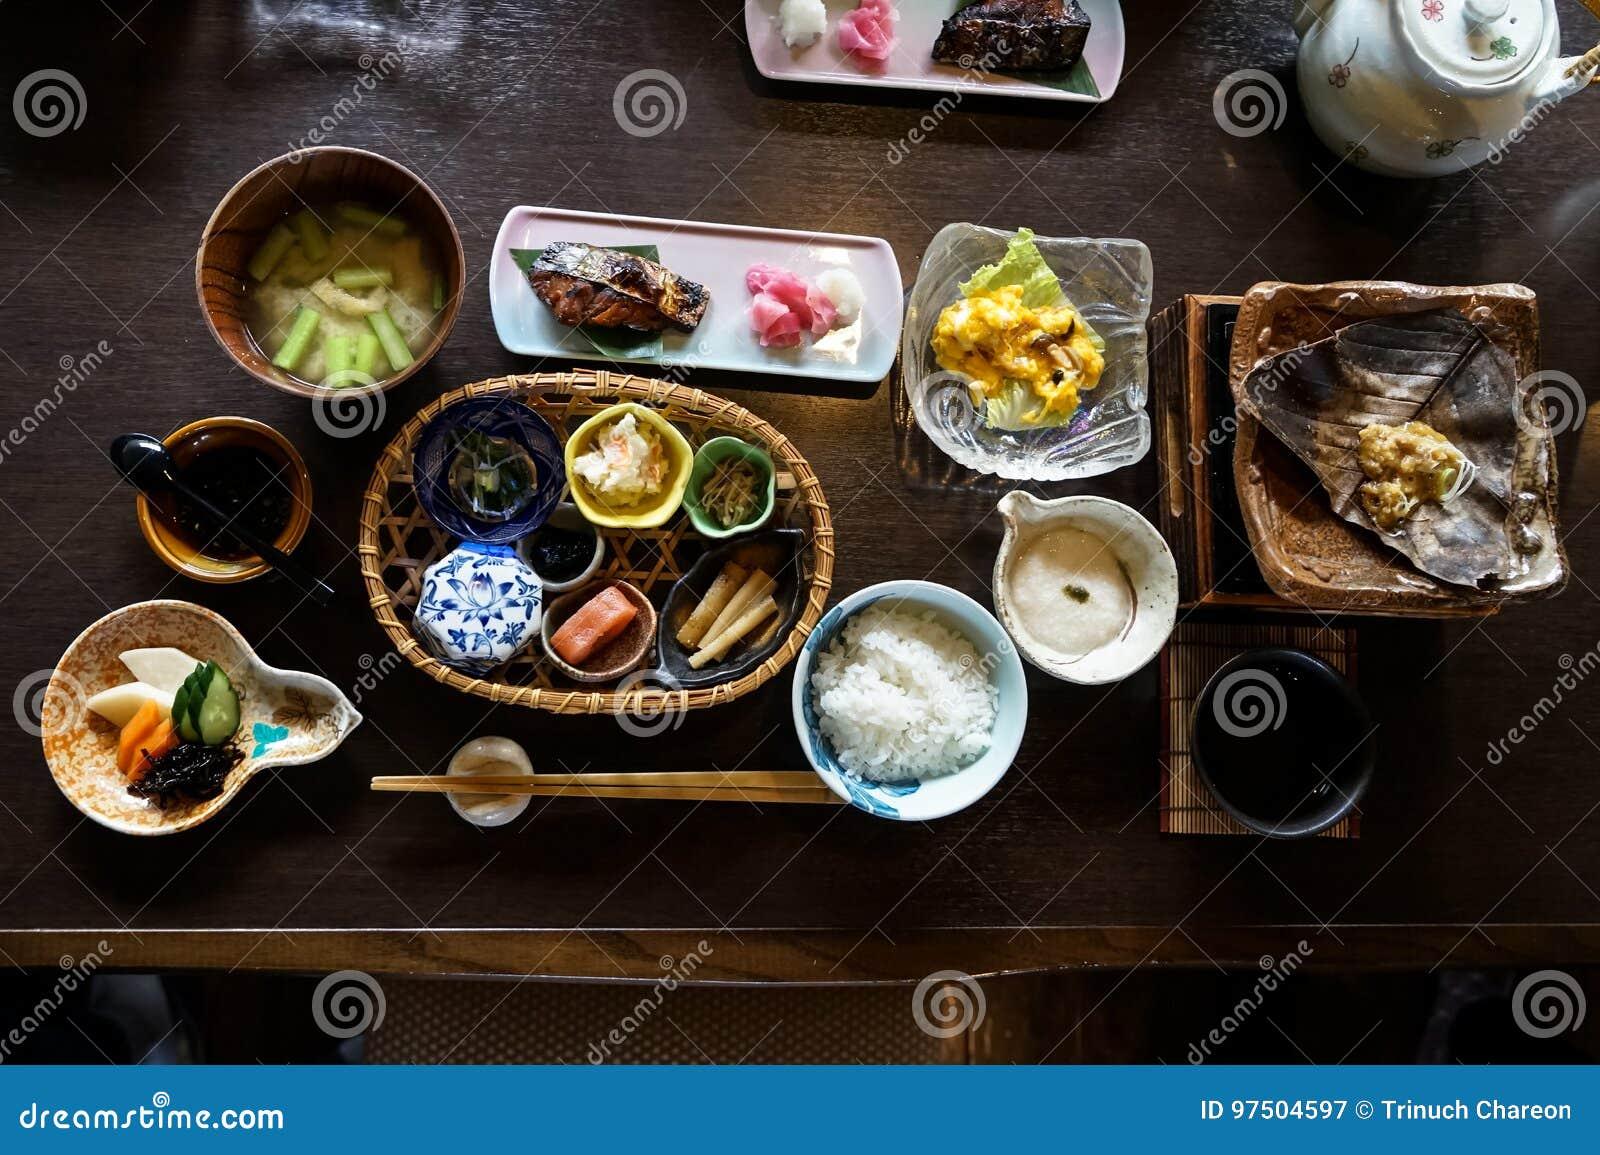 Japanische ryokan Frühstücksteller einschließlich gekochten weißen Reis, gegrillter Fisch, Spiegelei, Suppe, mentaiko, Essiggurke